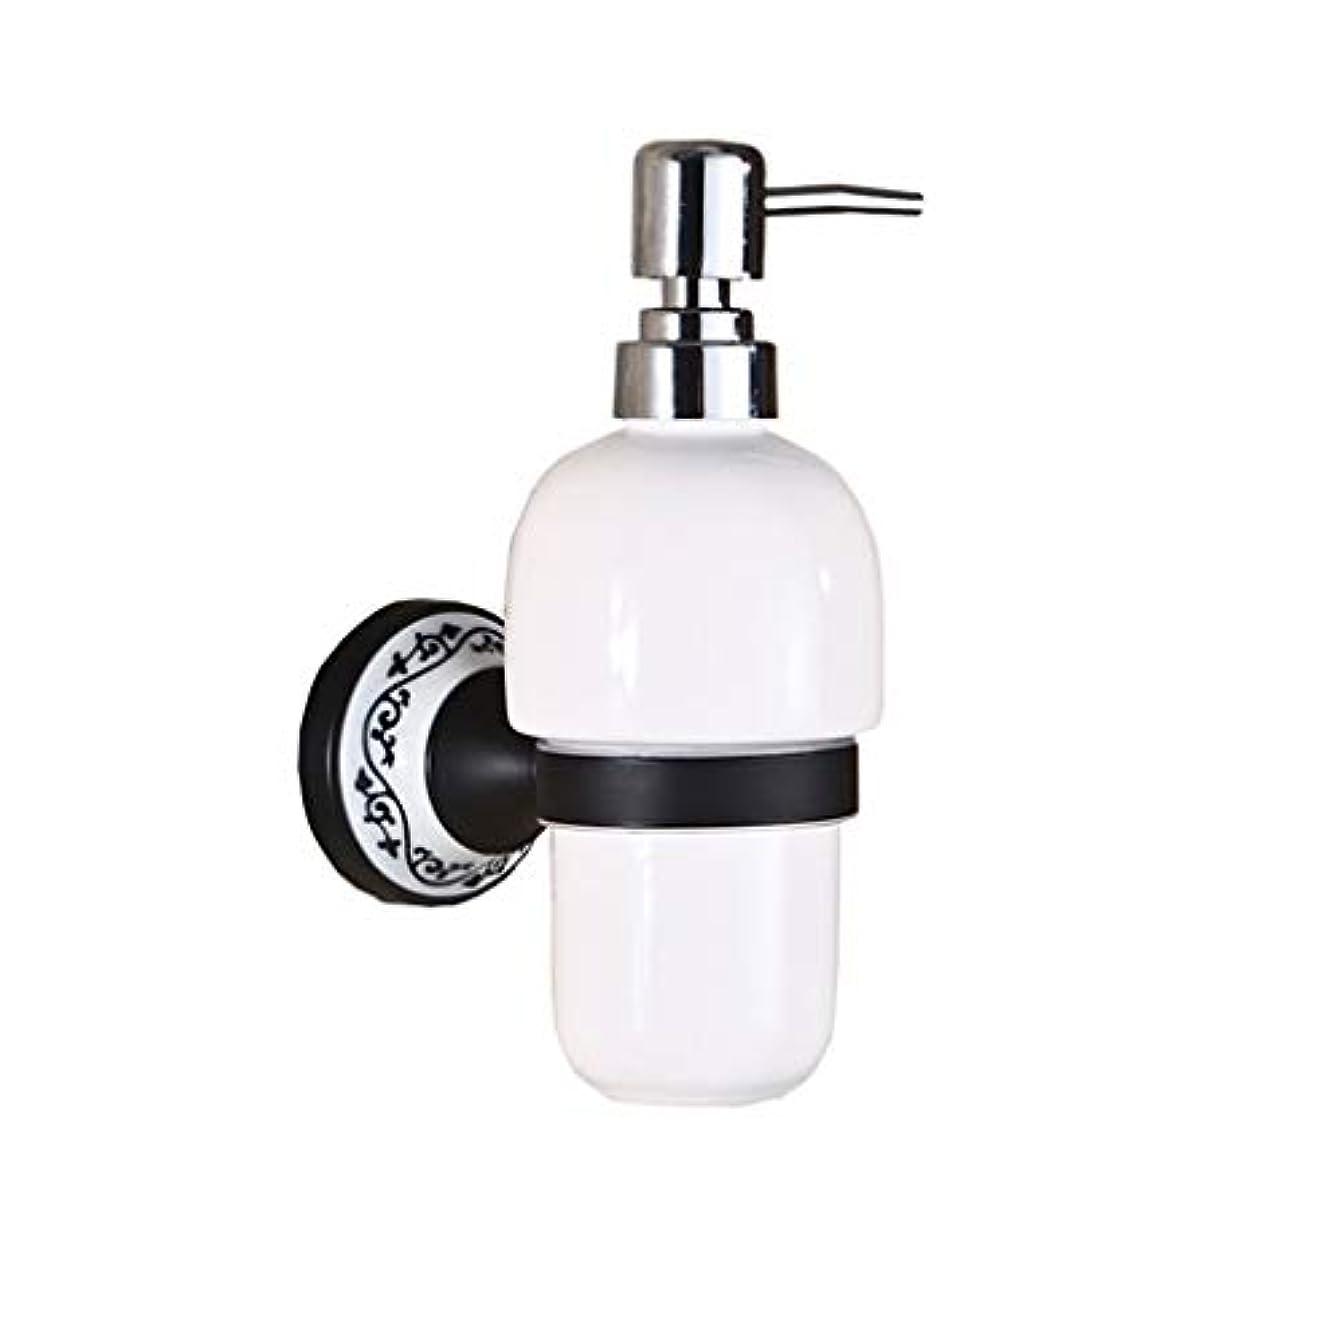 本体管理生産的Kylinssh 石鹸ディスペンサー、304防錆ステンレス鋼ポンプ付きキッチンソープディスペンサー、ハンドソープ用のバスルームソープディスペンサー、石鹸、ローション